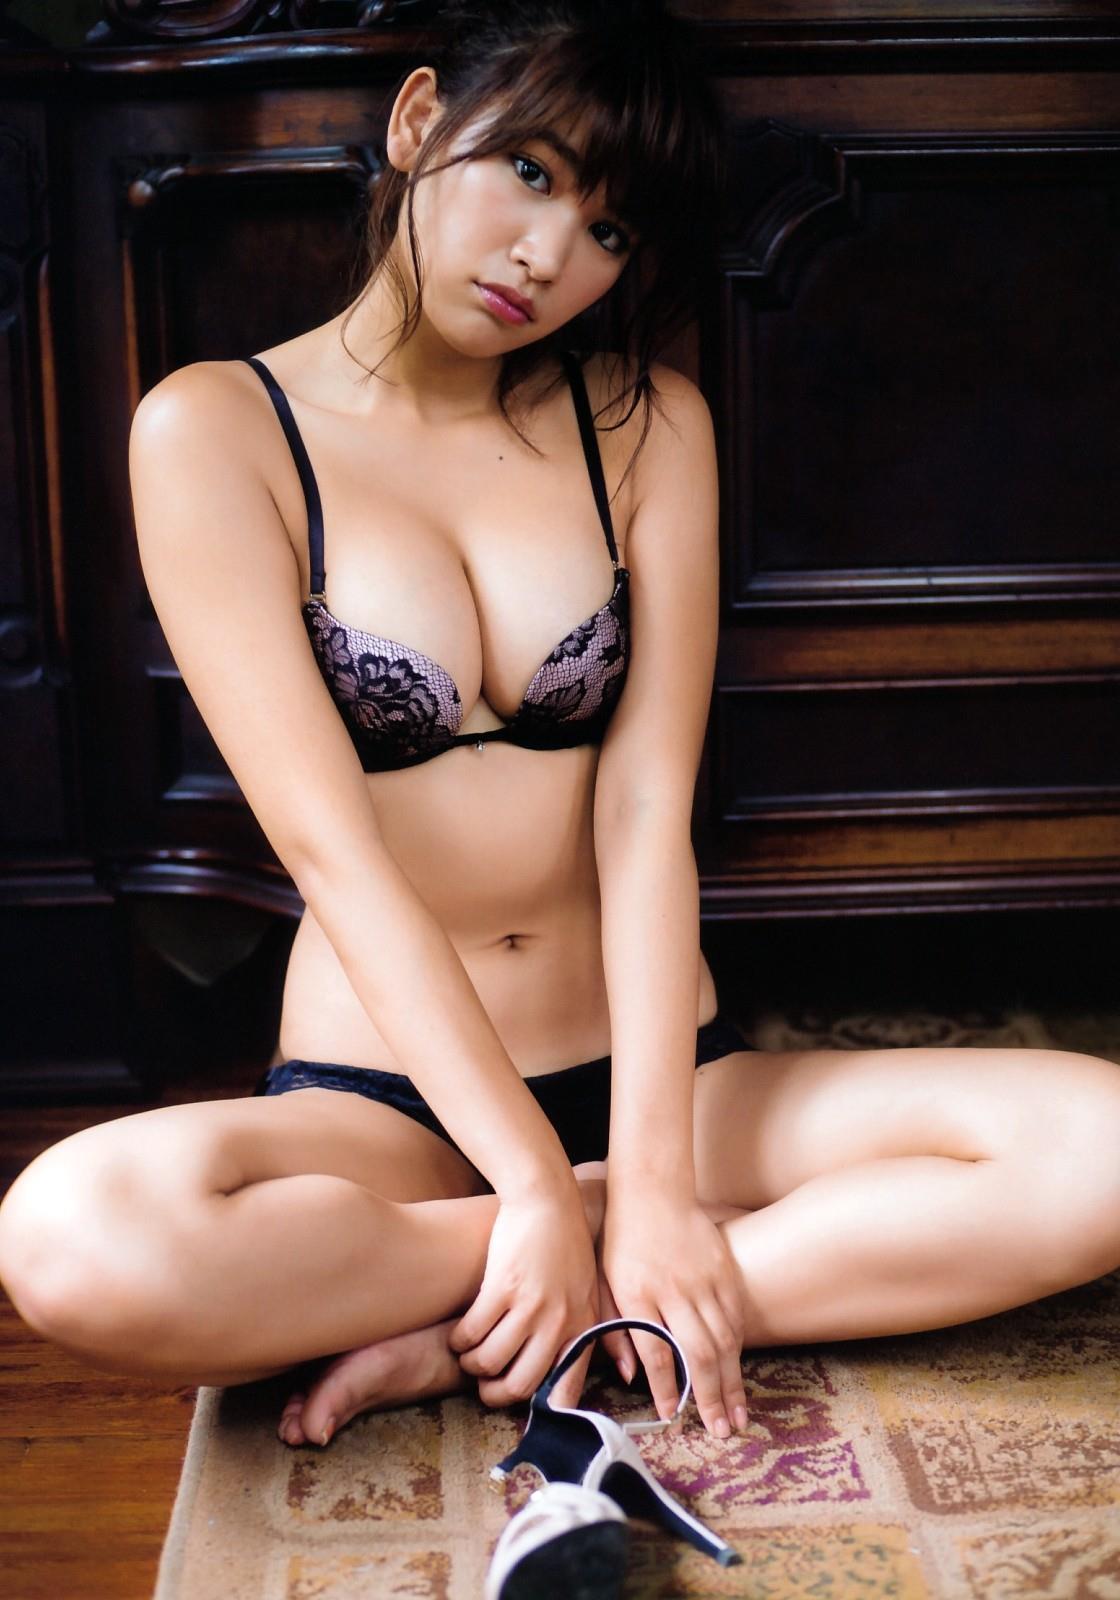 久松郁実 part 13 [無断転載禁止]©bbspink.comYouTube動画>7本 ->画像>505枚